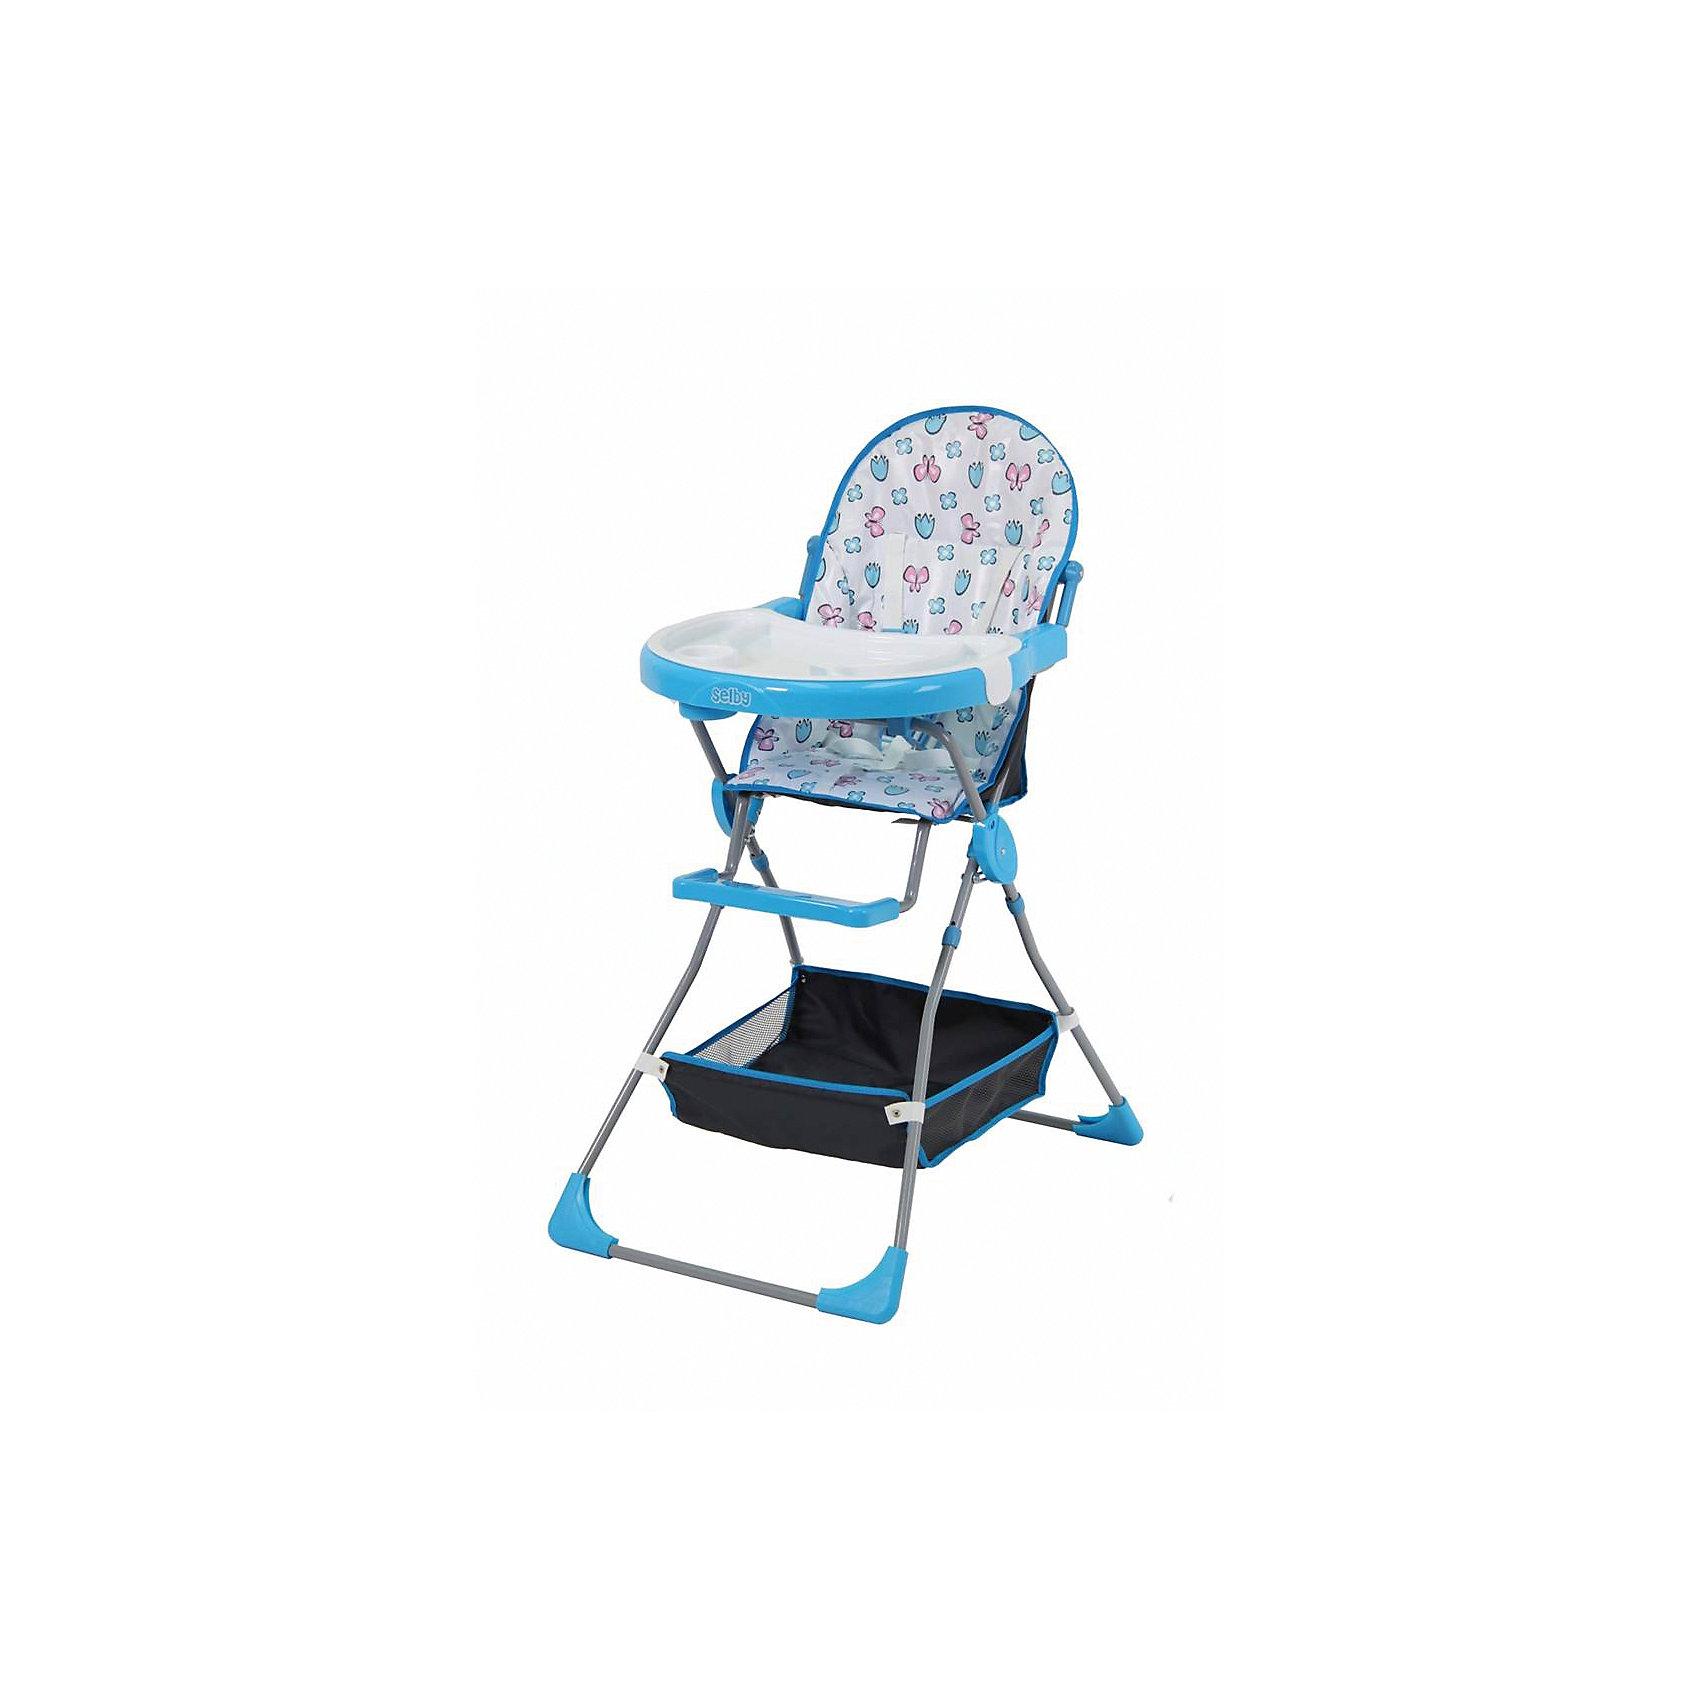 Selby Стульчик для кормления 252 Selby, голубой smoby стульчик сидение для ванной cotoons цвет розовый